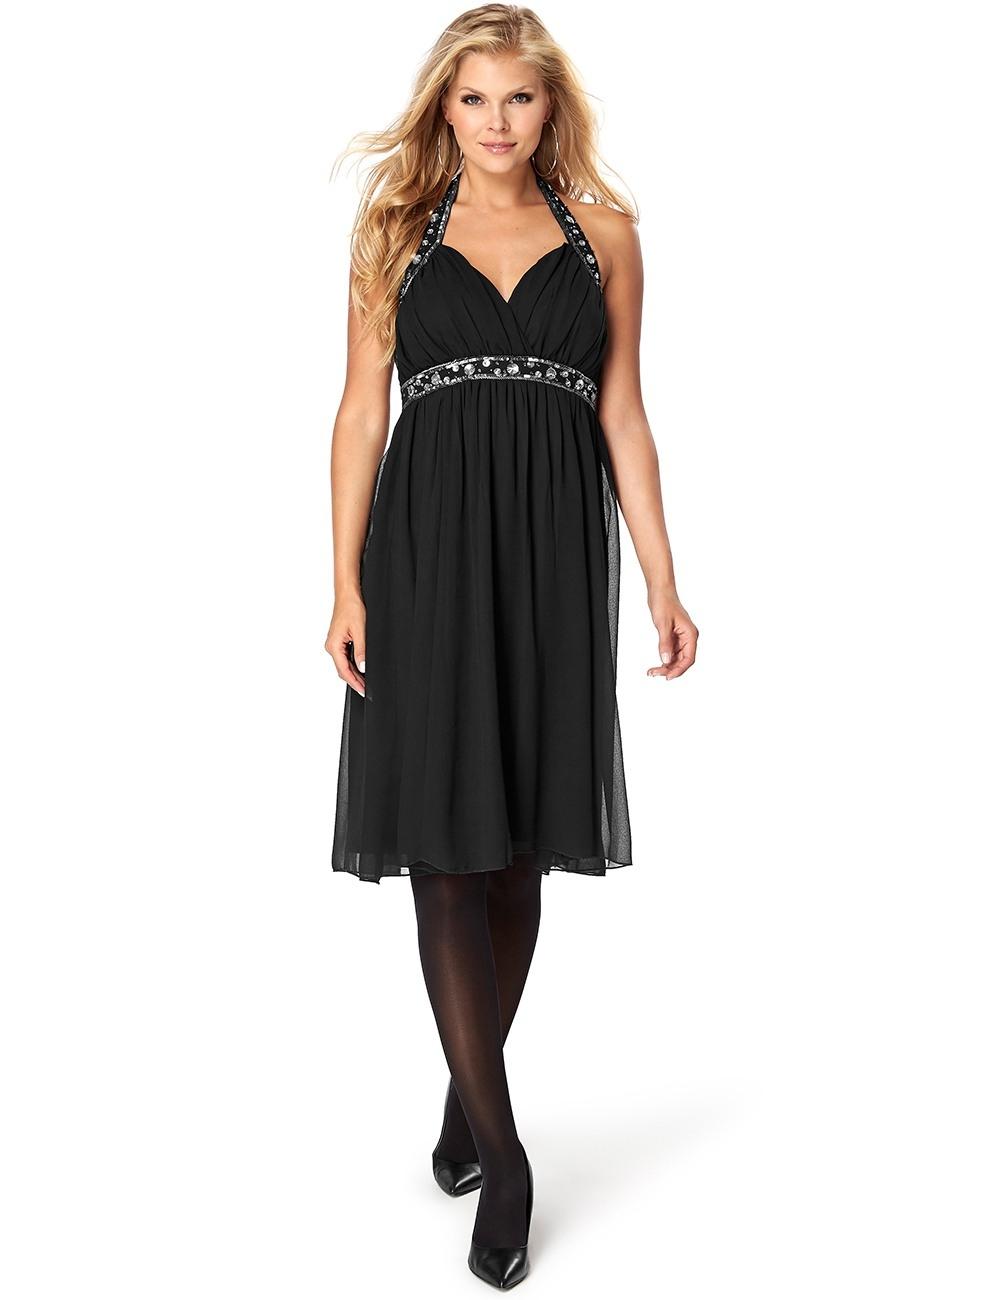 Abend Einzigartig Kurzes Kleid Ärmel13 Elegant Kurzes Kleid Vertrieb